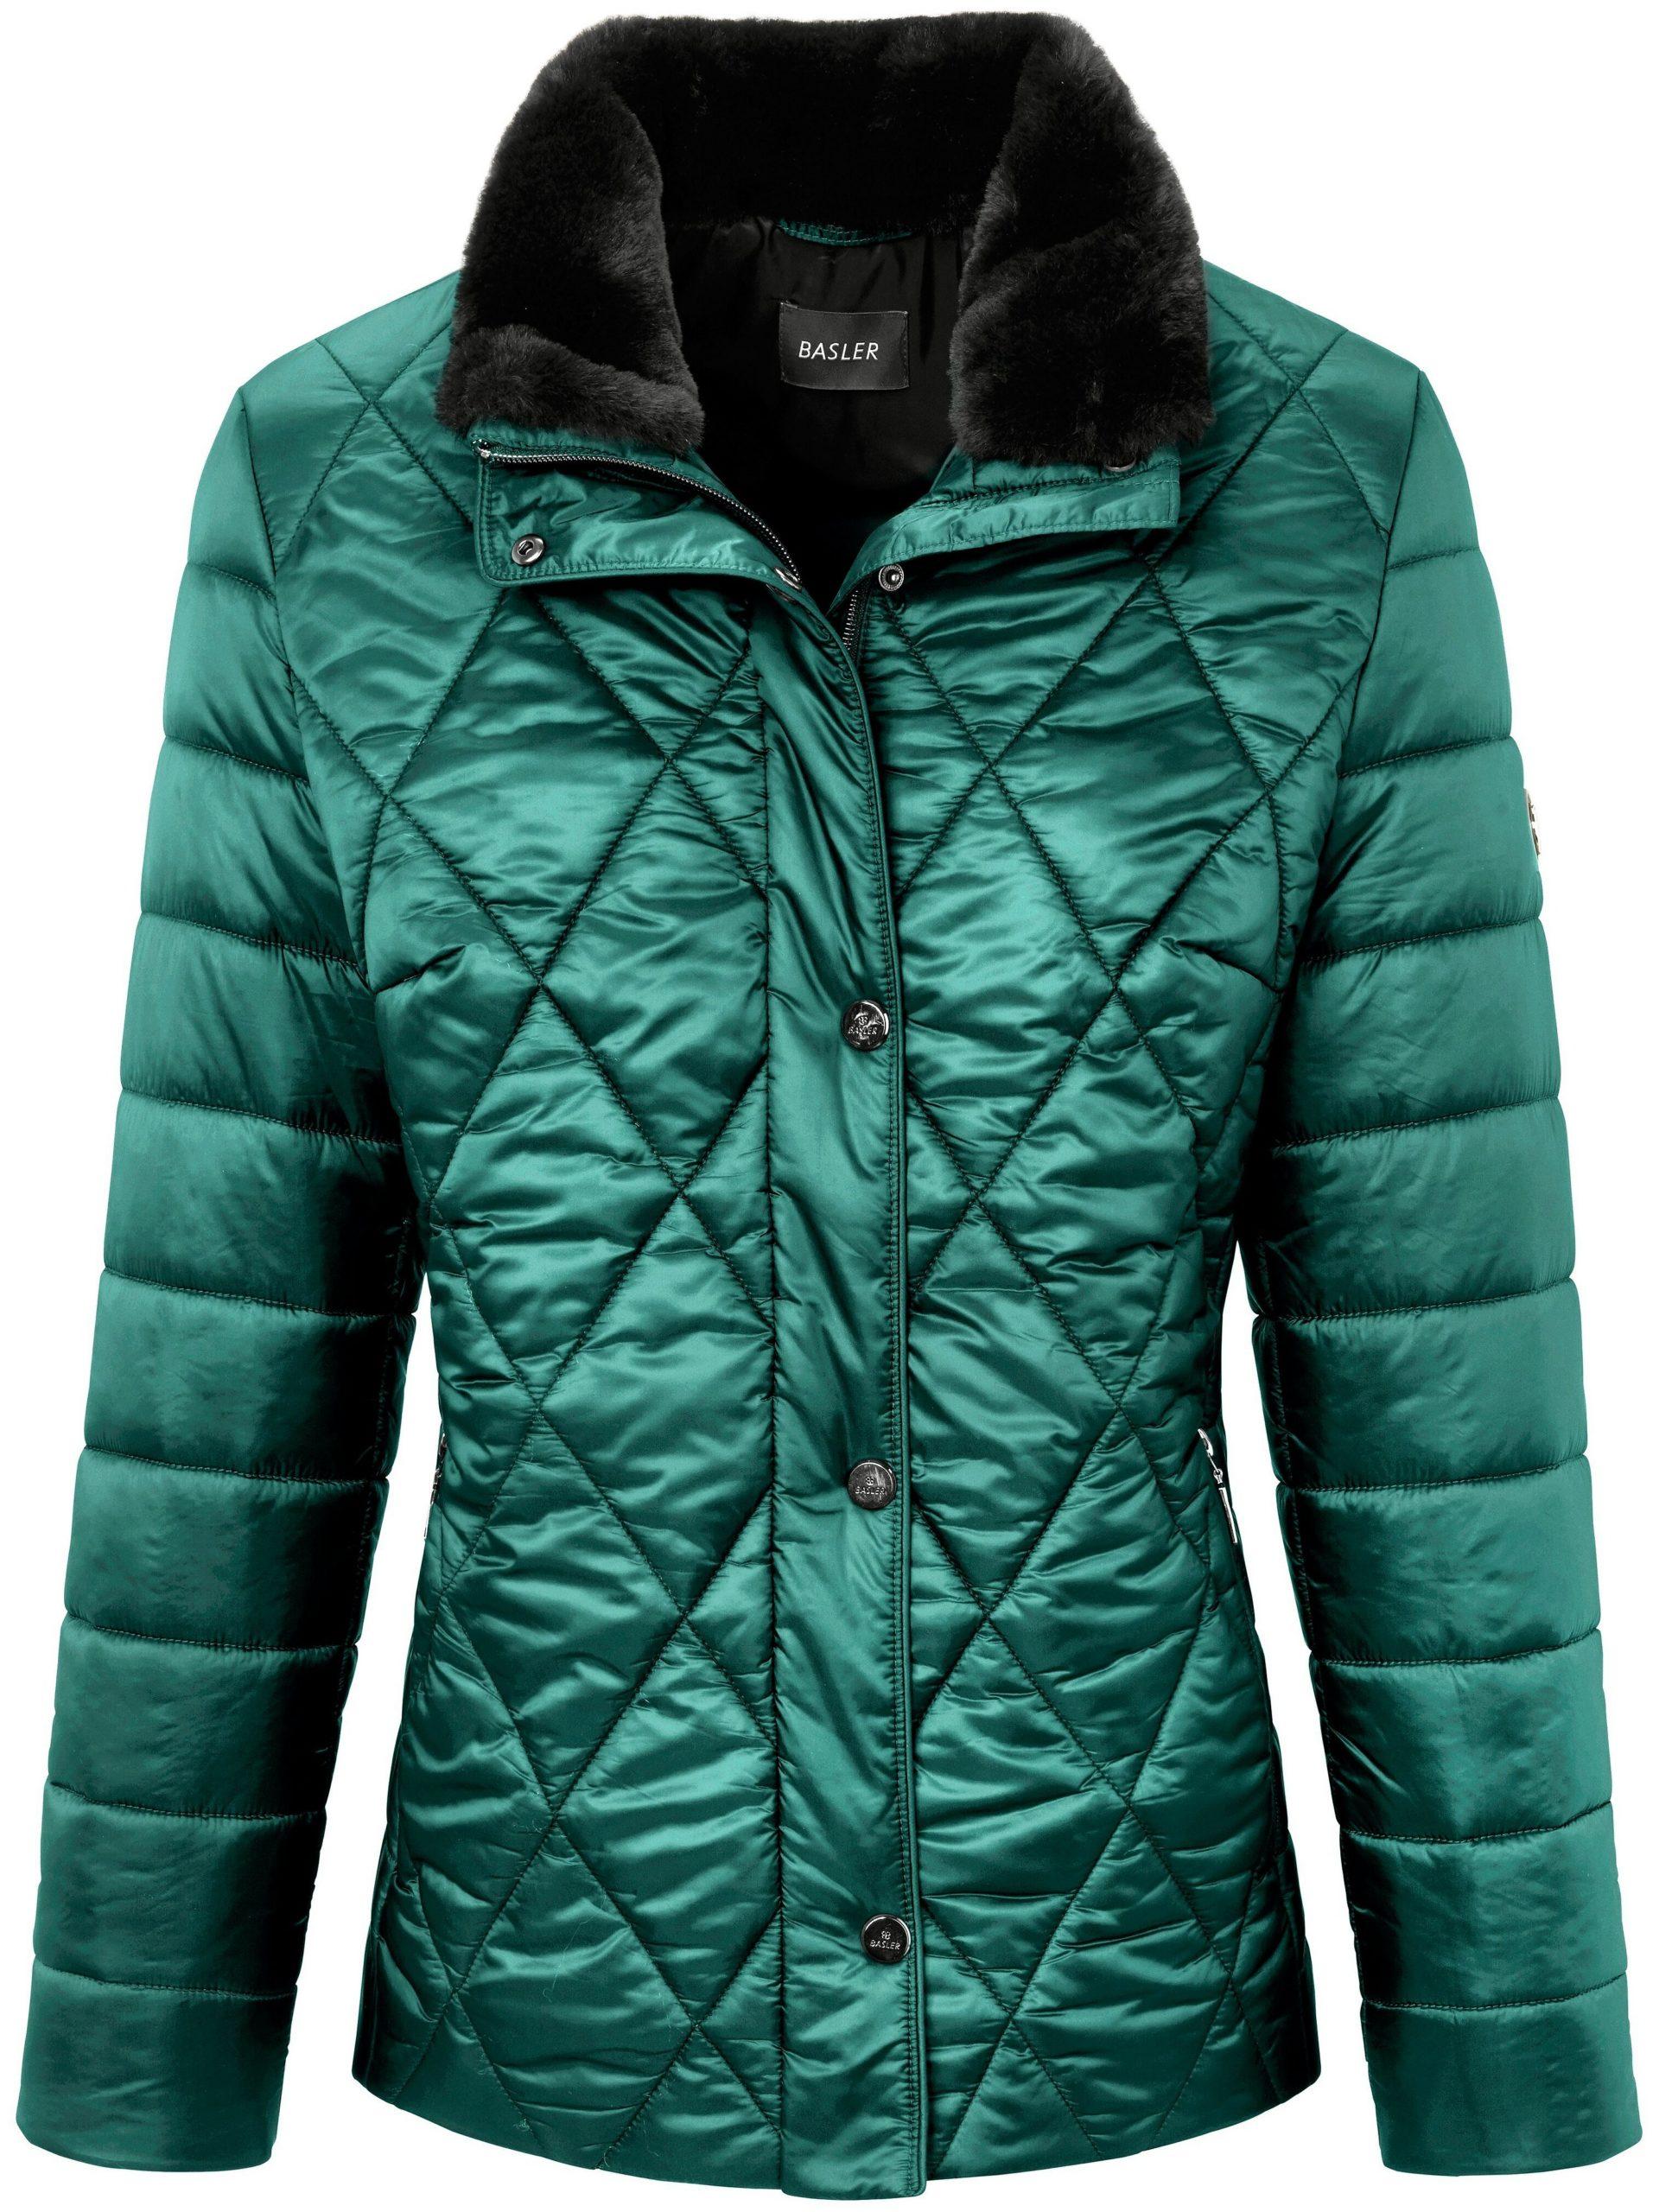 Gewatteerde jas Van Basler groen Kopen